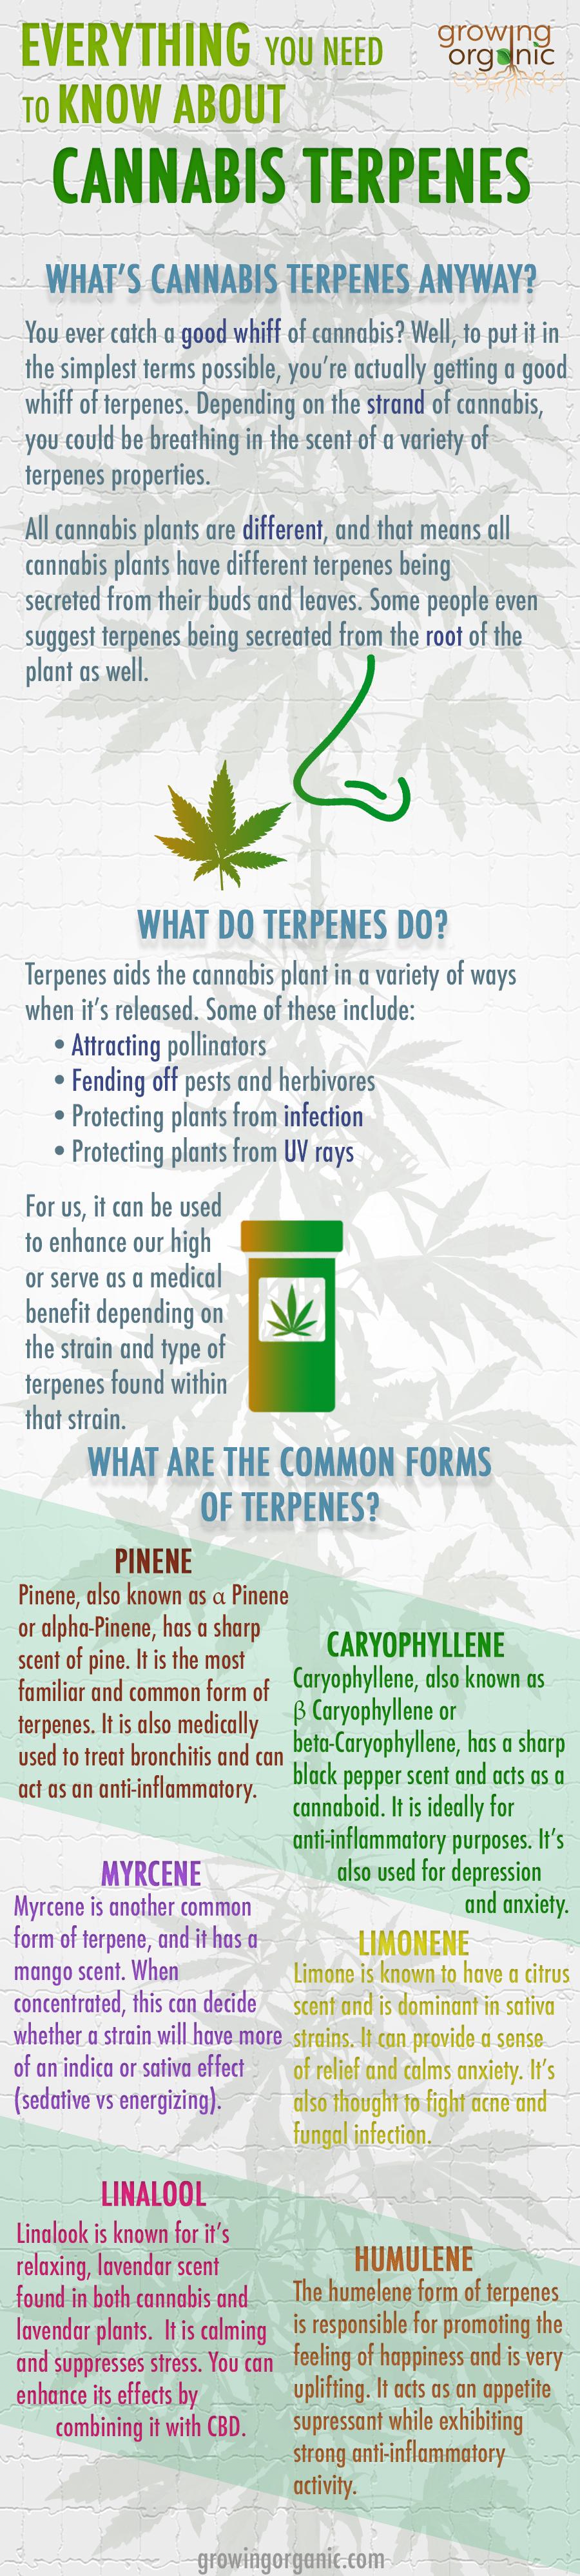 Cannabis Terpenes | Growing Organic